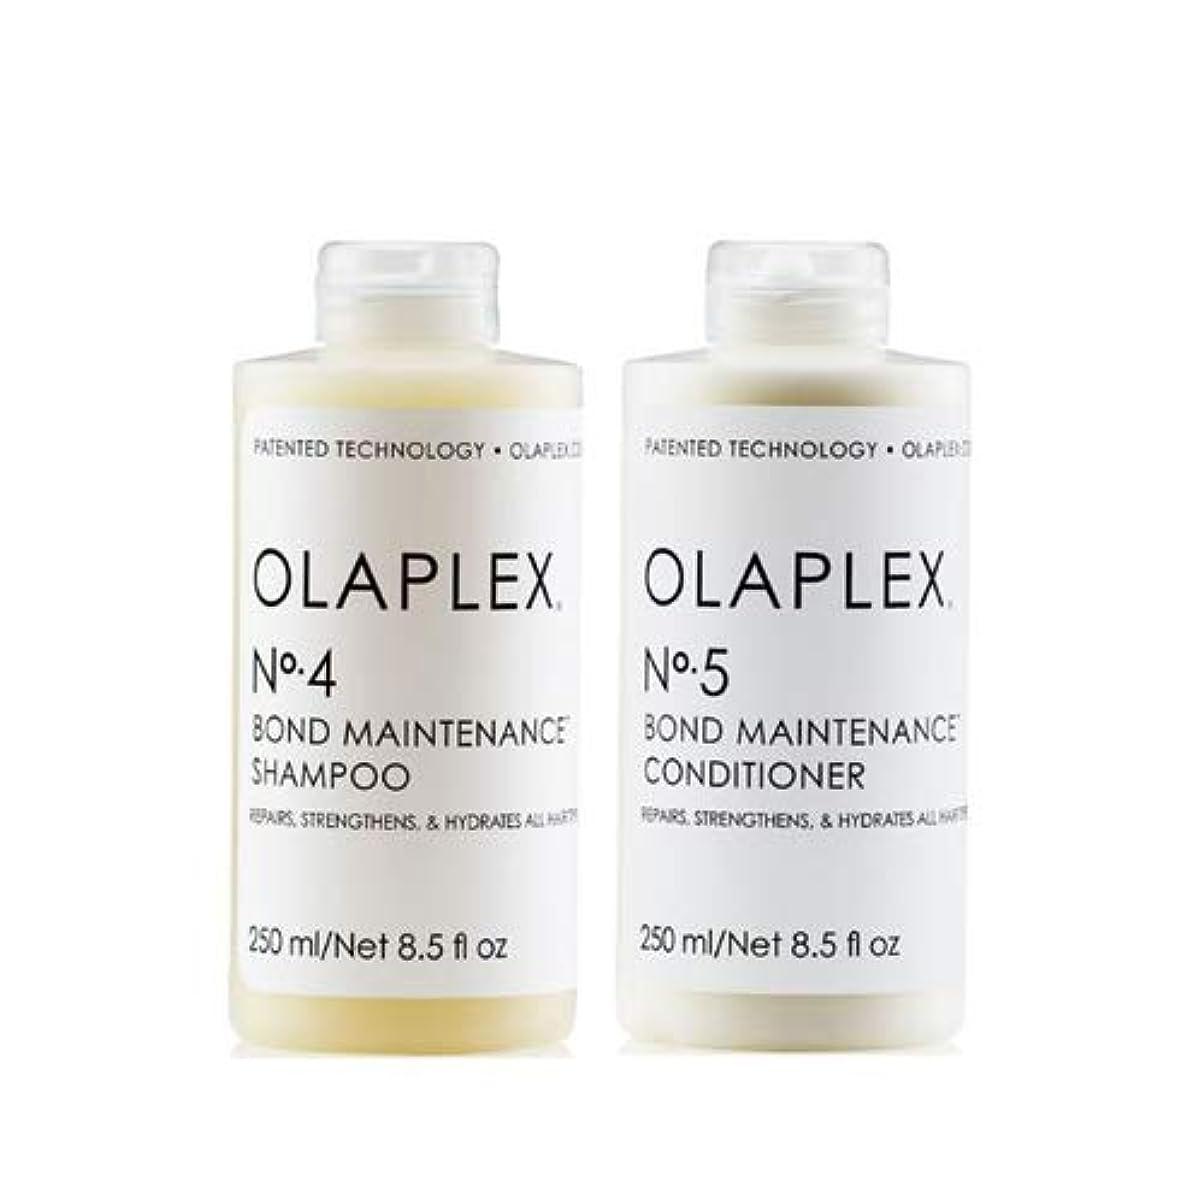 挑発する真向こう比較Olaplex オラプレックス No. 4 5 ボンド メンテナンス シャンプー&コンディショナー Olaplex Bond Maintenance Shampoo & Conditioner 【並行輸入品】